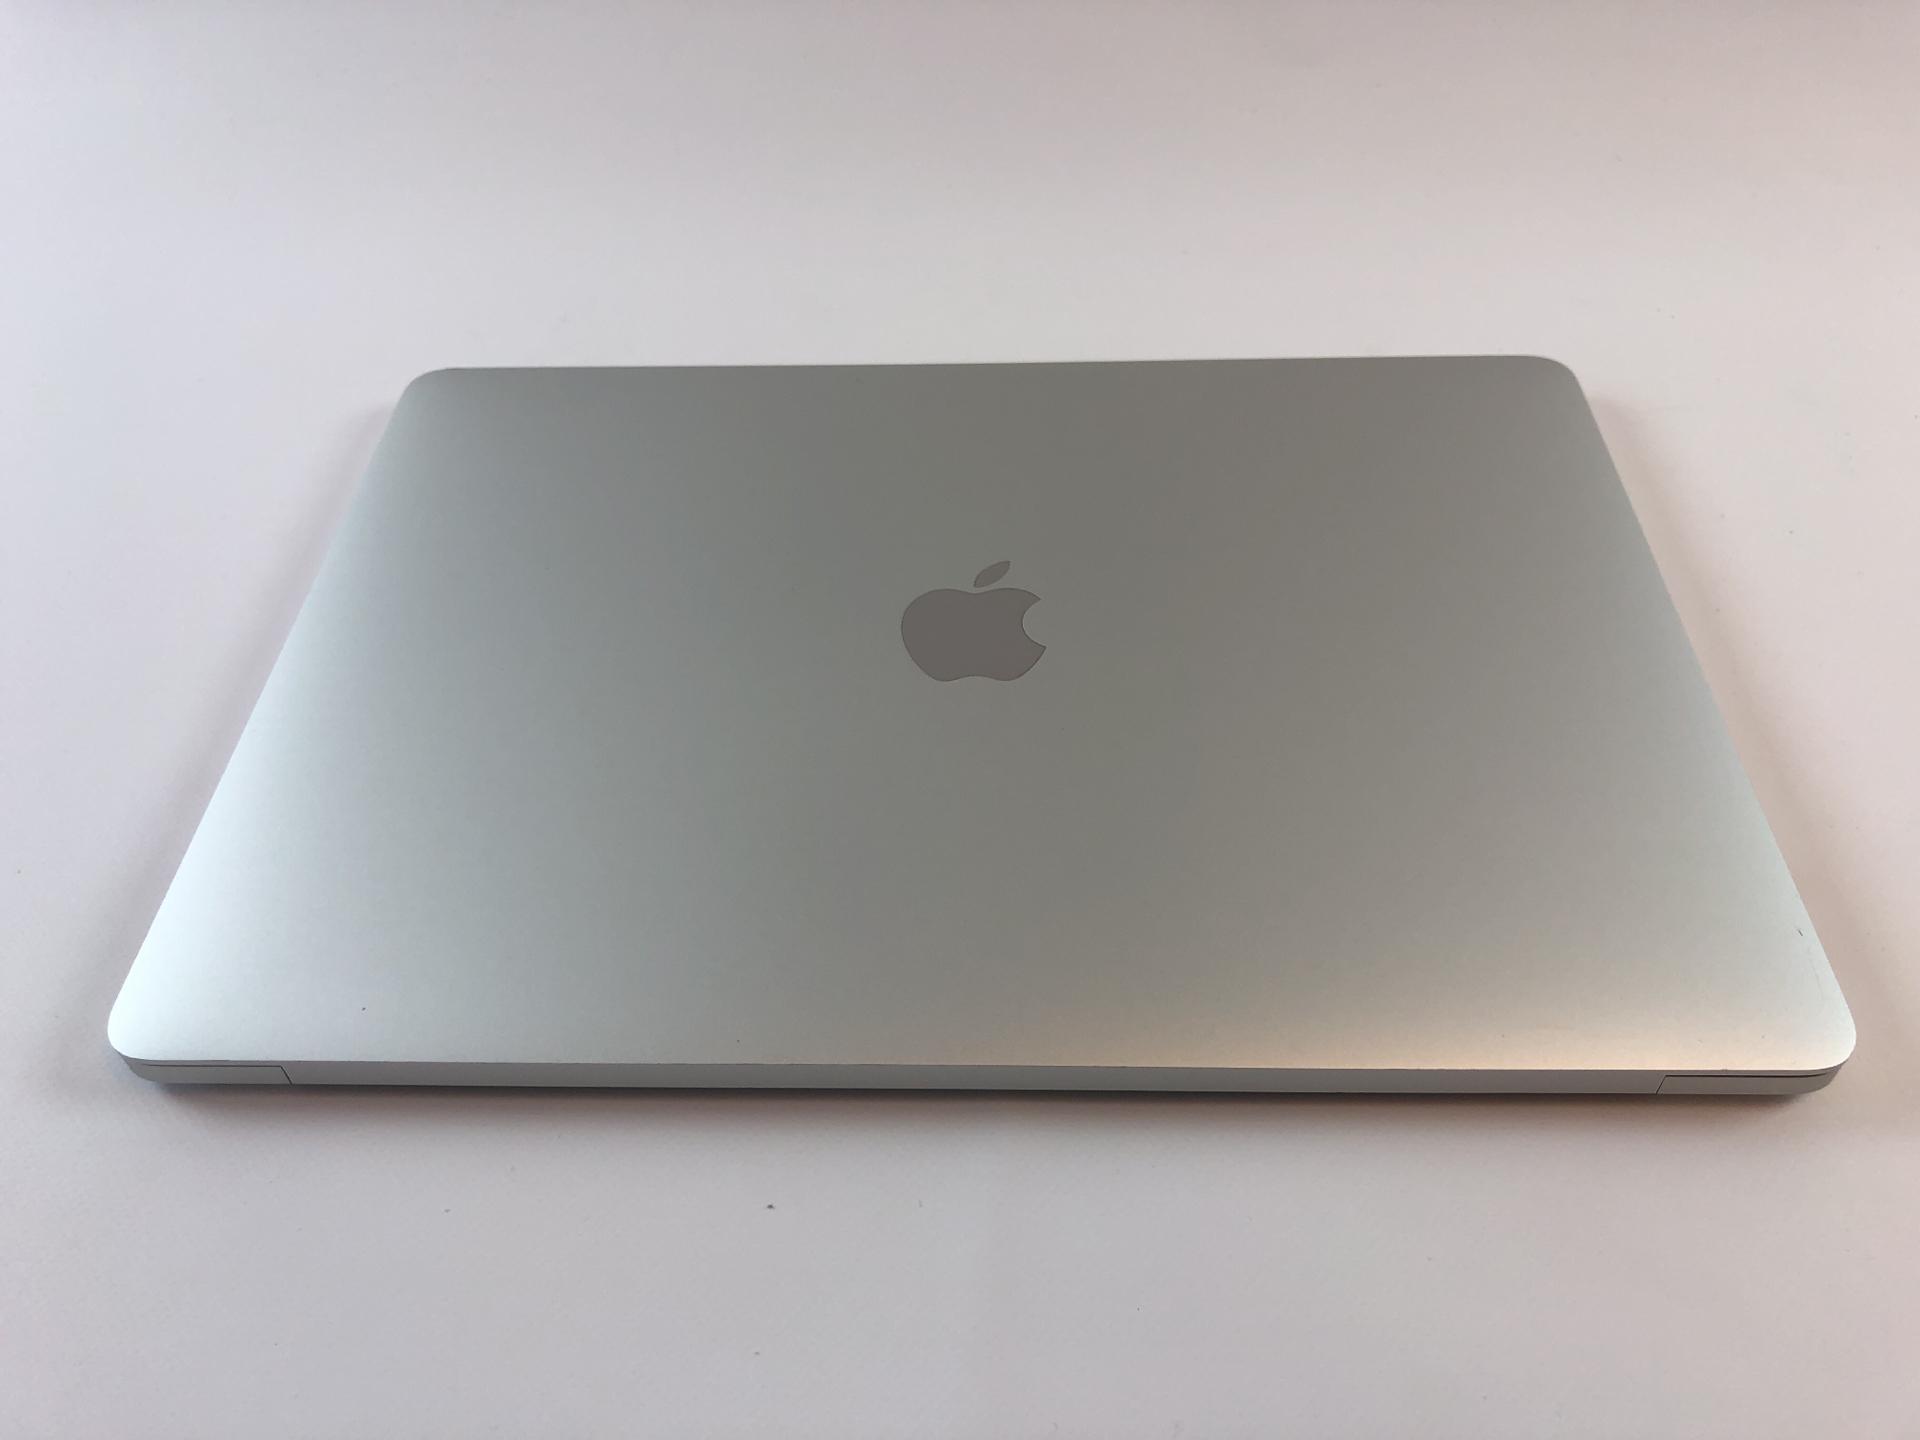 """MacBook Pro 13"""" 4TBT Mid 2017 (Intel Core i5 3.1 GHz 8 GB RAM 256 GB SSD), Silver, Intel Core i5 3.1 GHz, 8 GB RAM, 256 GB SSD, bild 2"""